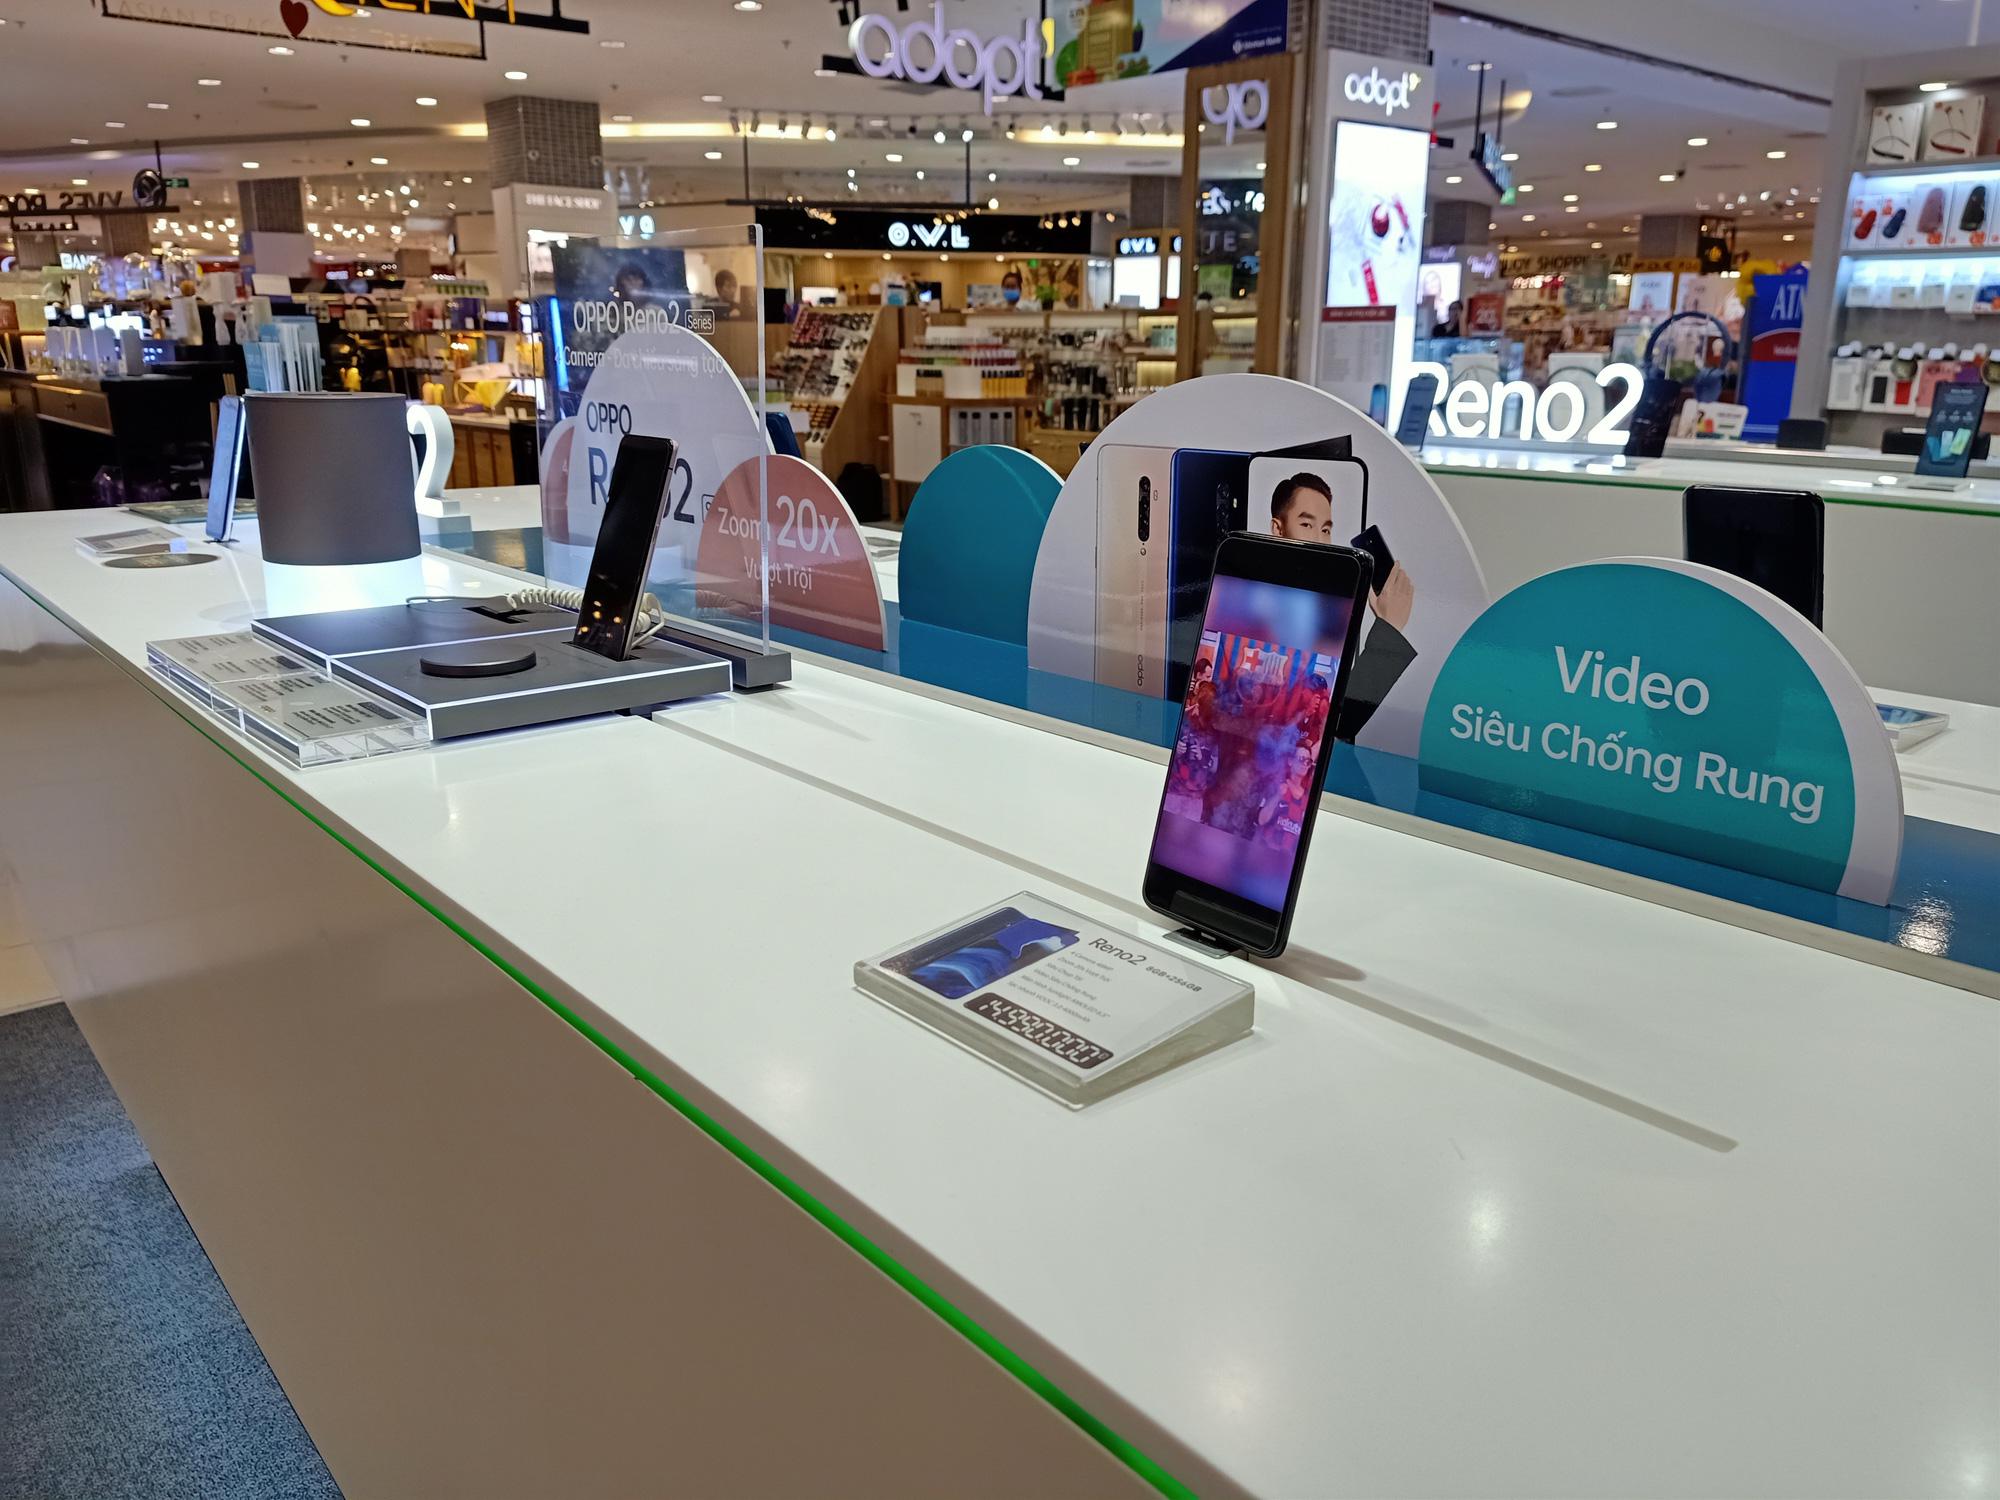 Điện thoại giảm giá tuần này: iPhone tiếp tục giảm nhẹ, Android tưng bừng khuyến mãi - Ảnh 3.